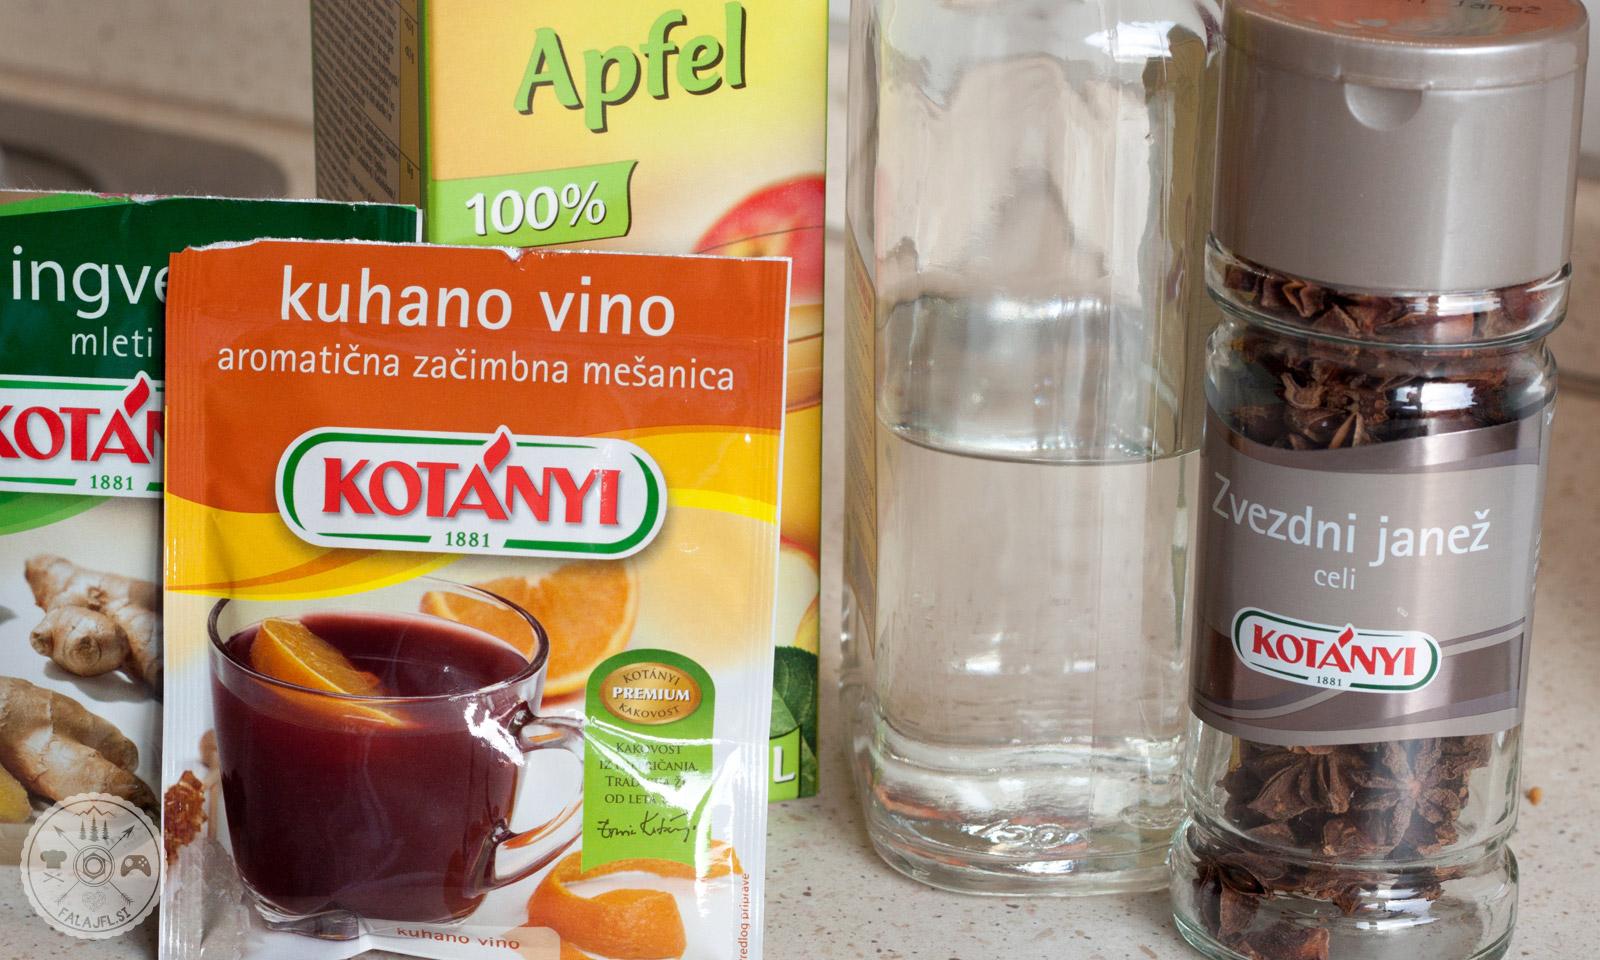 kuhan gin, zvezdni janež, jabolčni sok